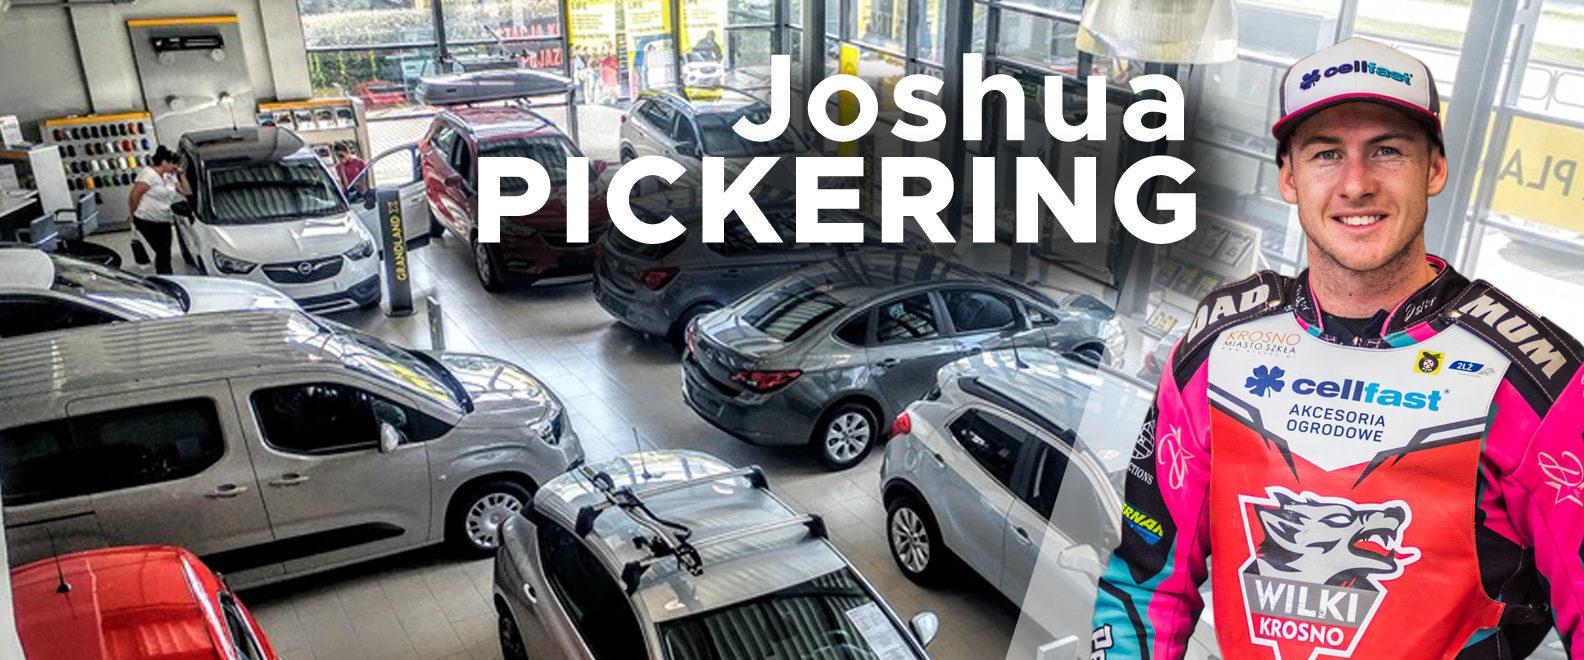 Joshua Pickering w salonie Glob Cars w Krośnie! Już w środę 2 października!